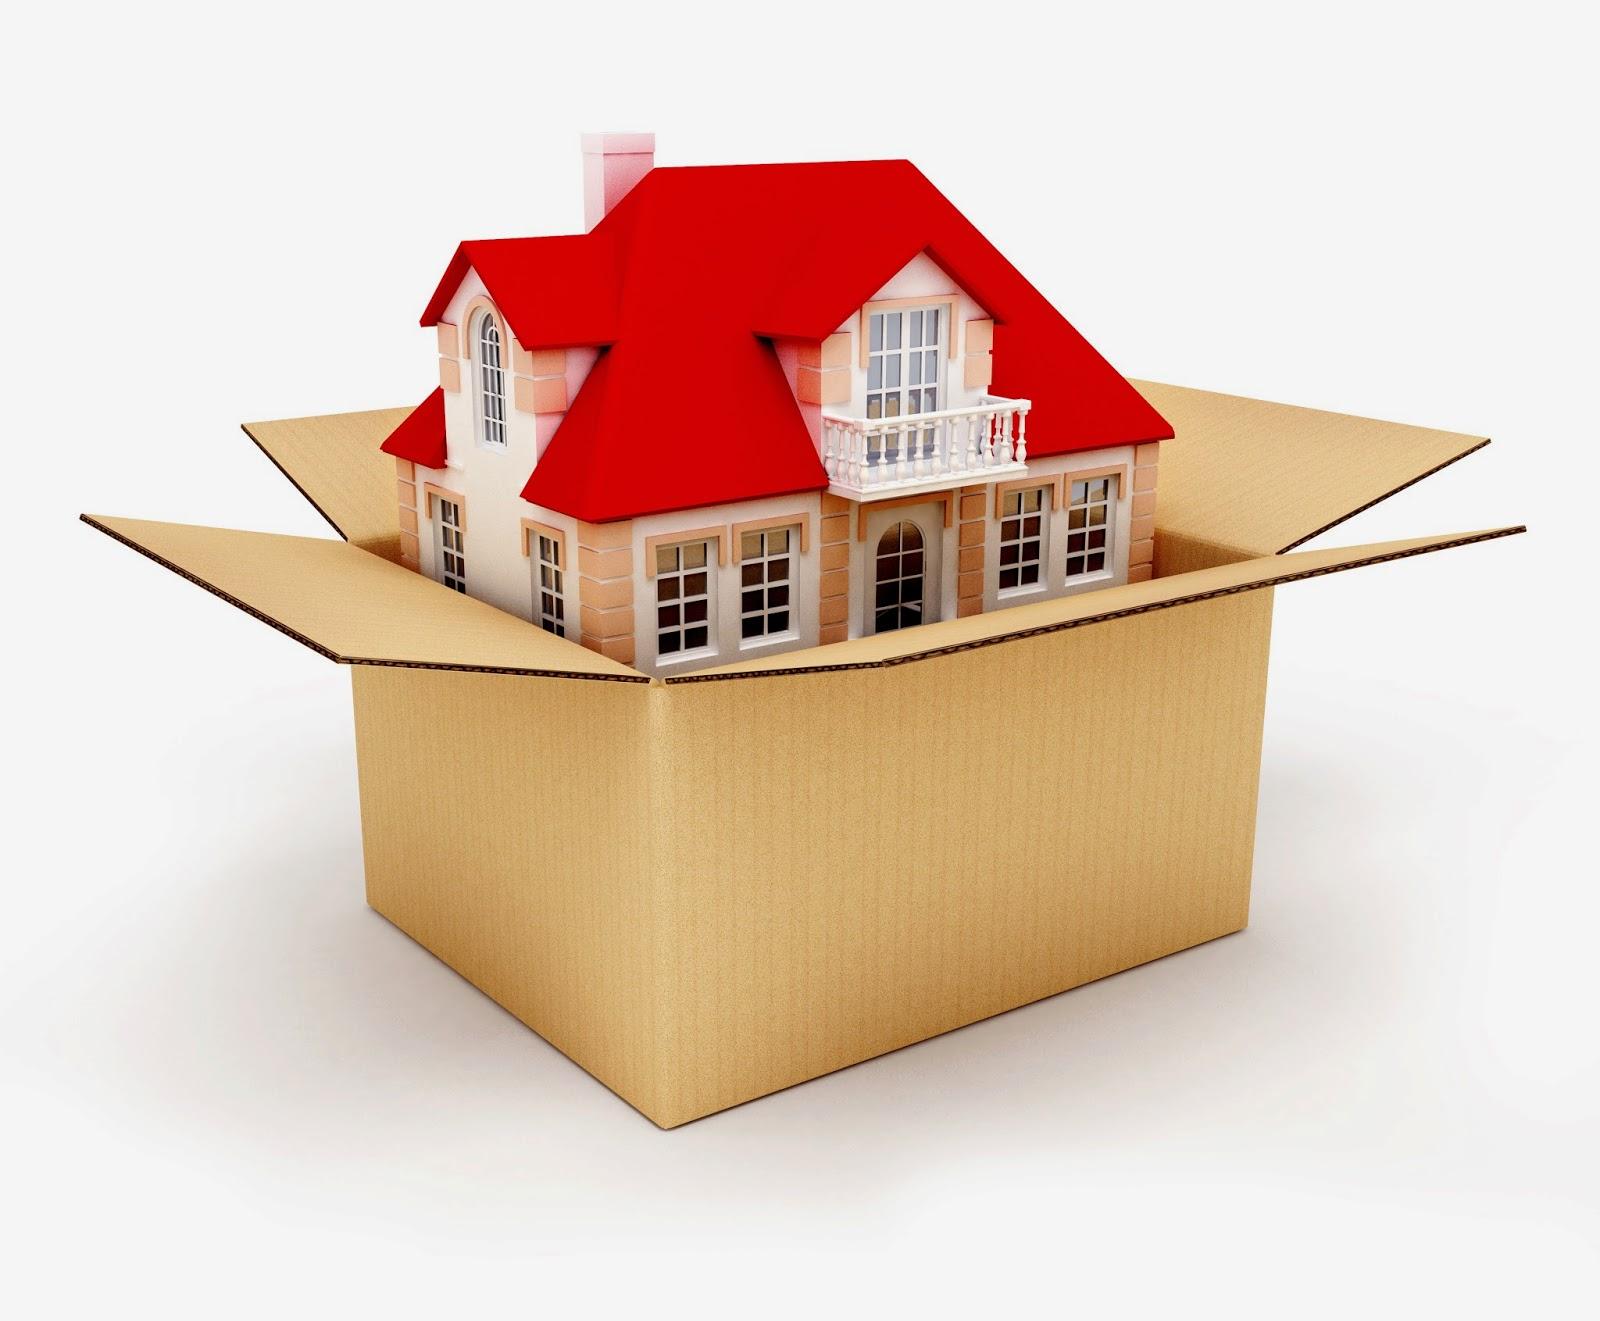 Hãy chọn một đơn vị chuyển nhà trọn gói để bảm bảo an toàn cho gia đình bạn